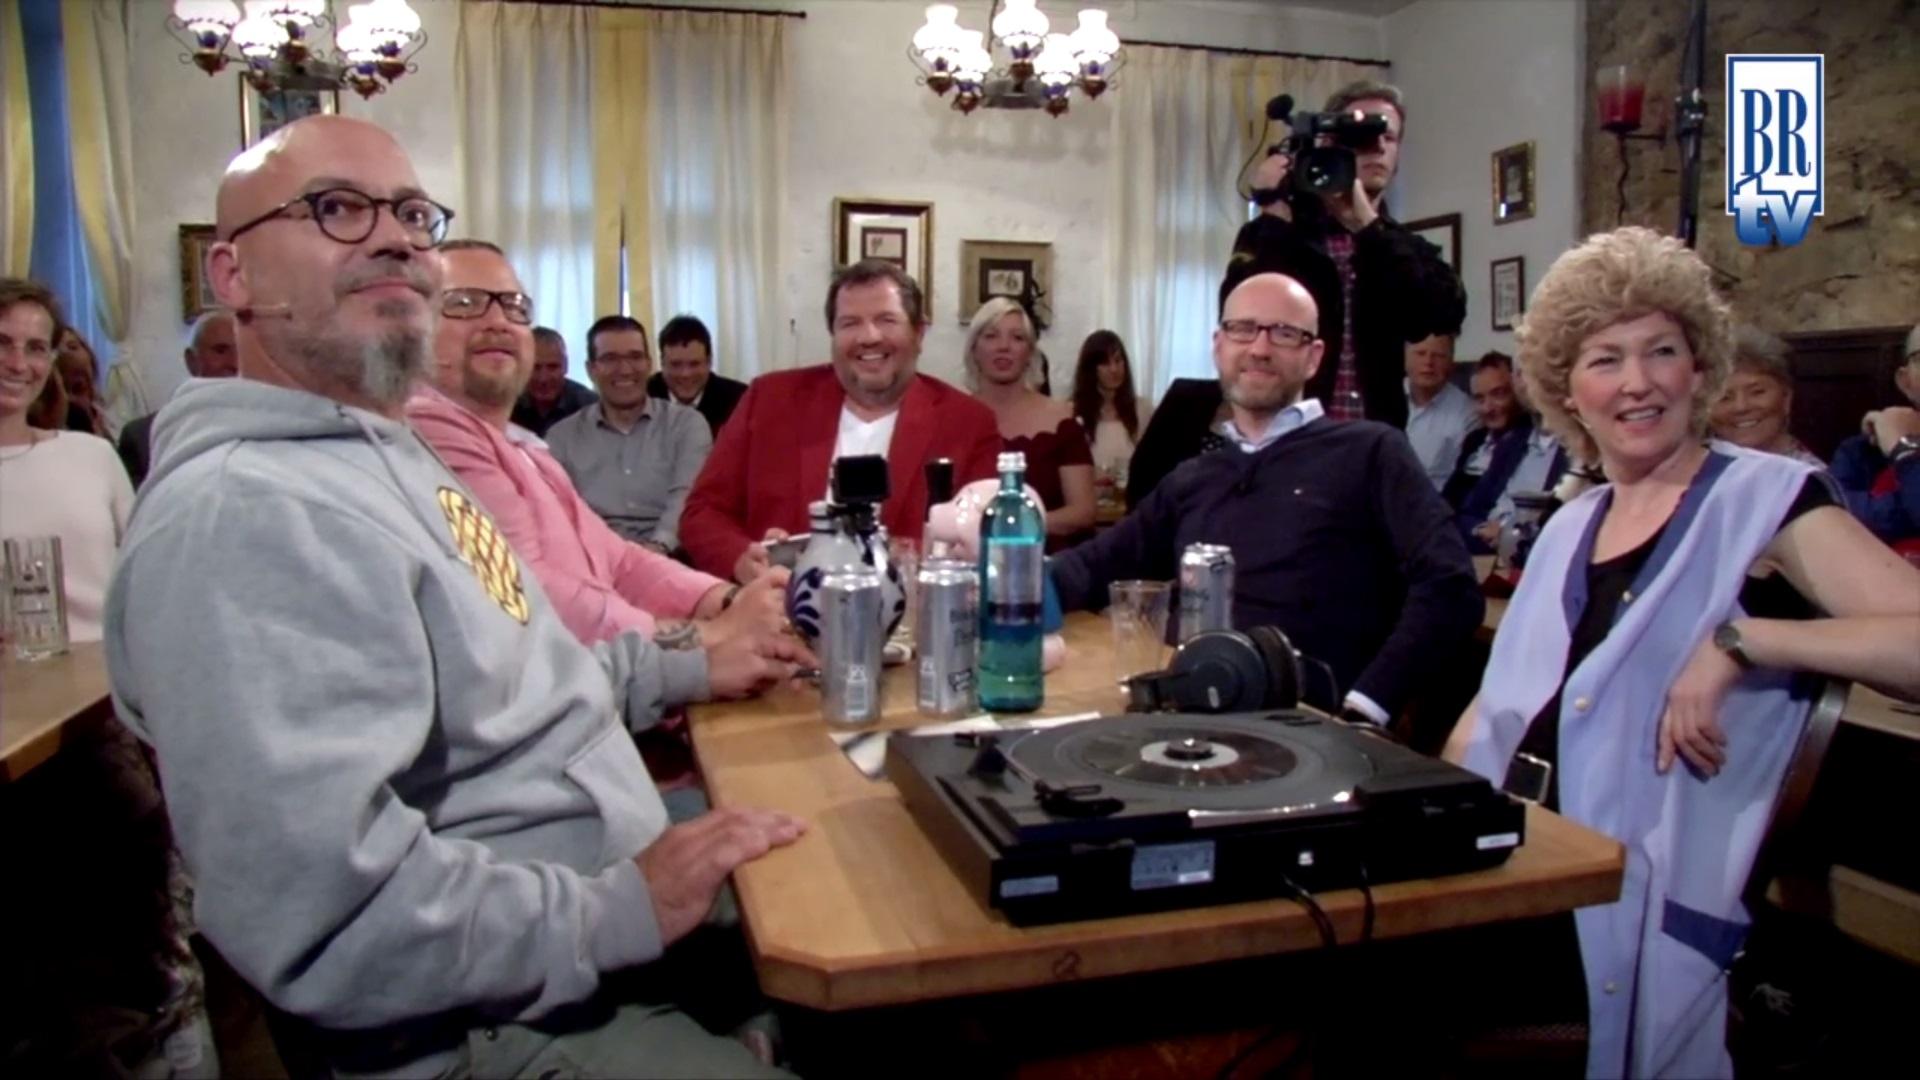 Bembel & Gebabbel – Folge 26 mit Peter Tauber, Mundstuhl und Hilde aus Bornheim